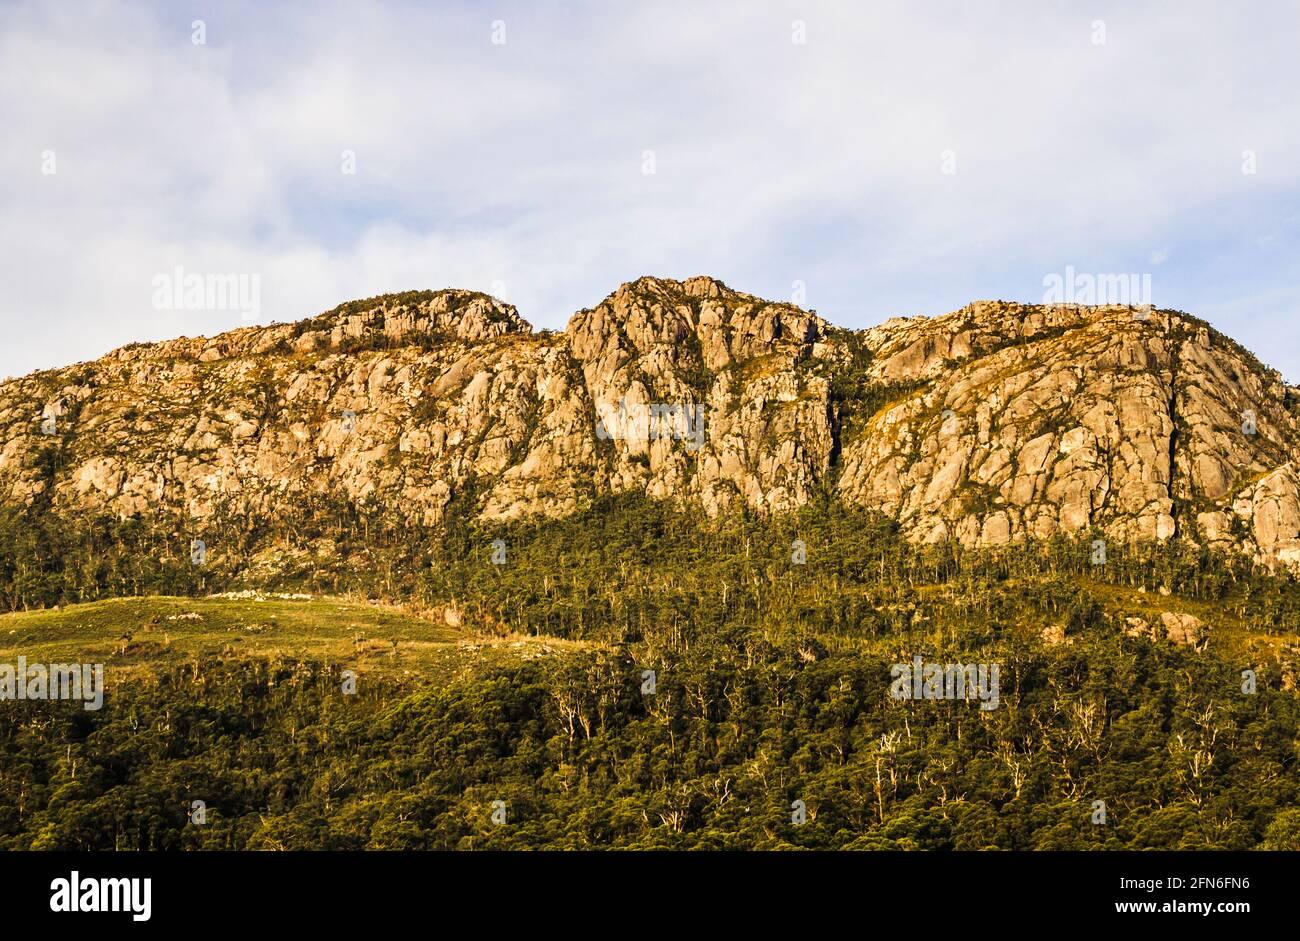 Escarpado paisaje de montaña Tullah del Monte Farrell entre la vegetación verde del bosque y la cobertura de nubes blancas en el oeste de Tasmania, Australia Foto de stock